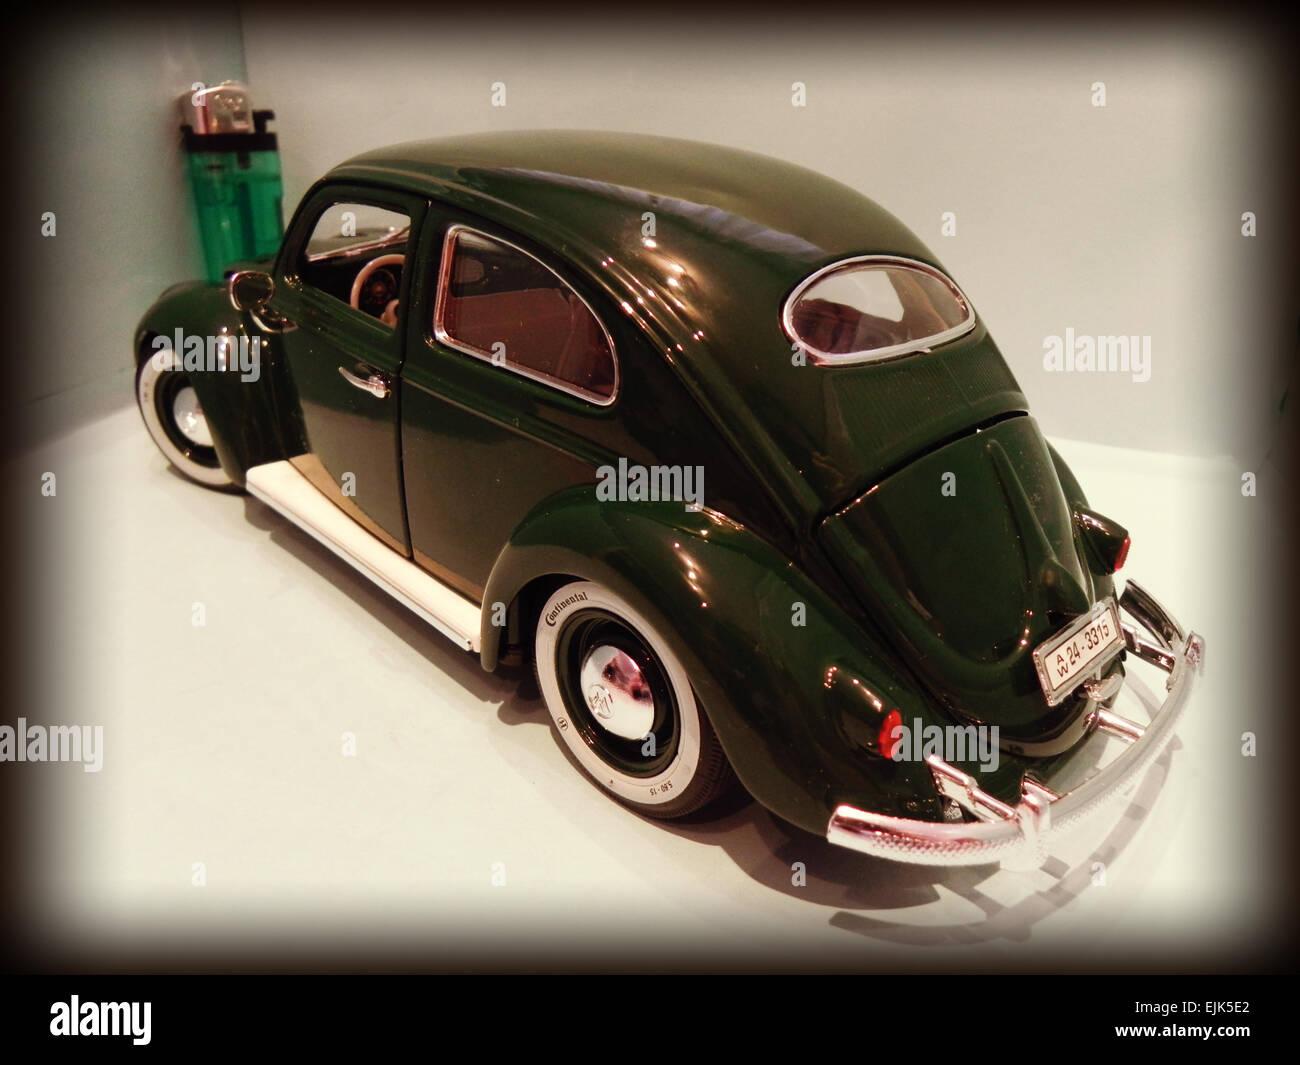 Mein Miniatur Eines Alten Vw Käfer Mythische Auto Produziert In